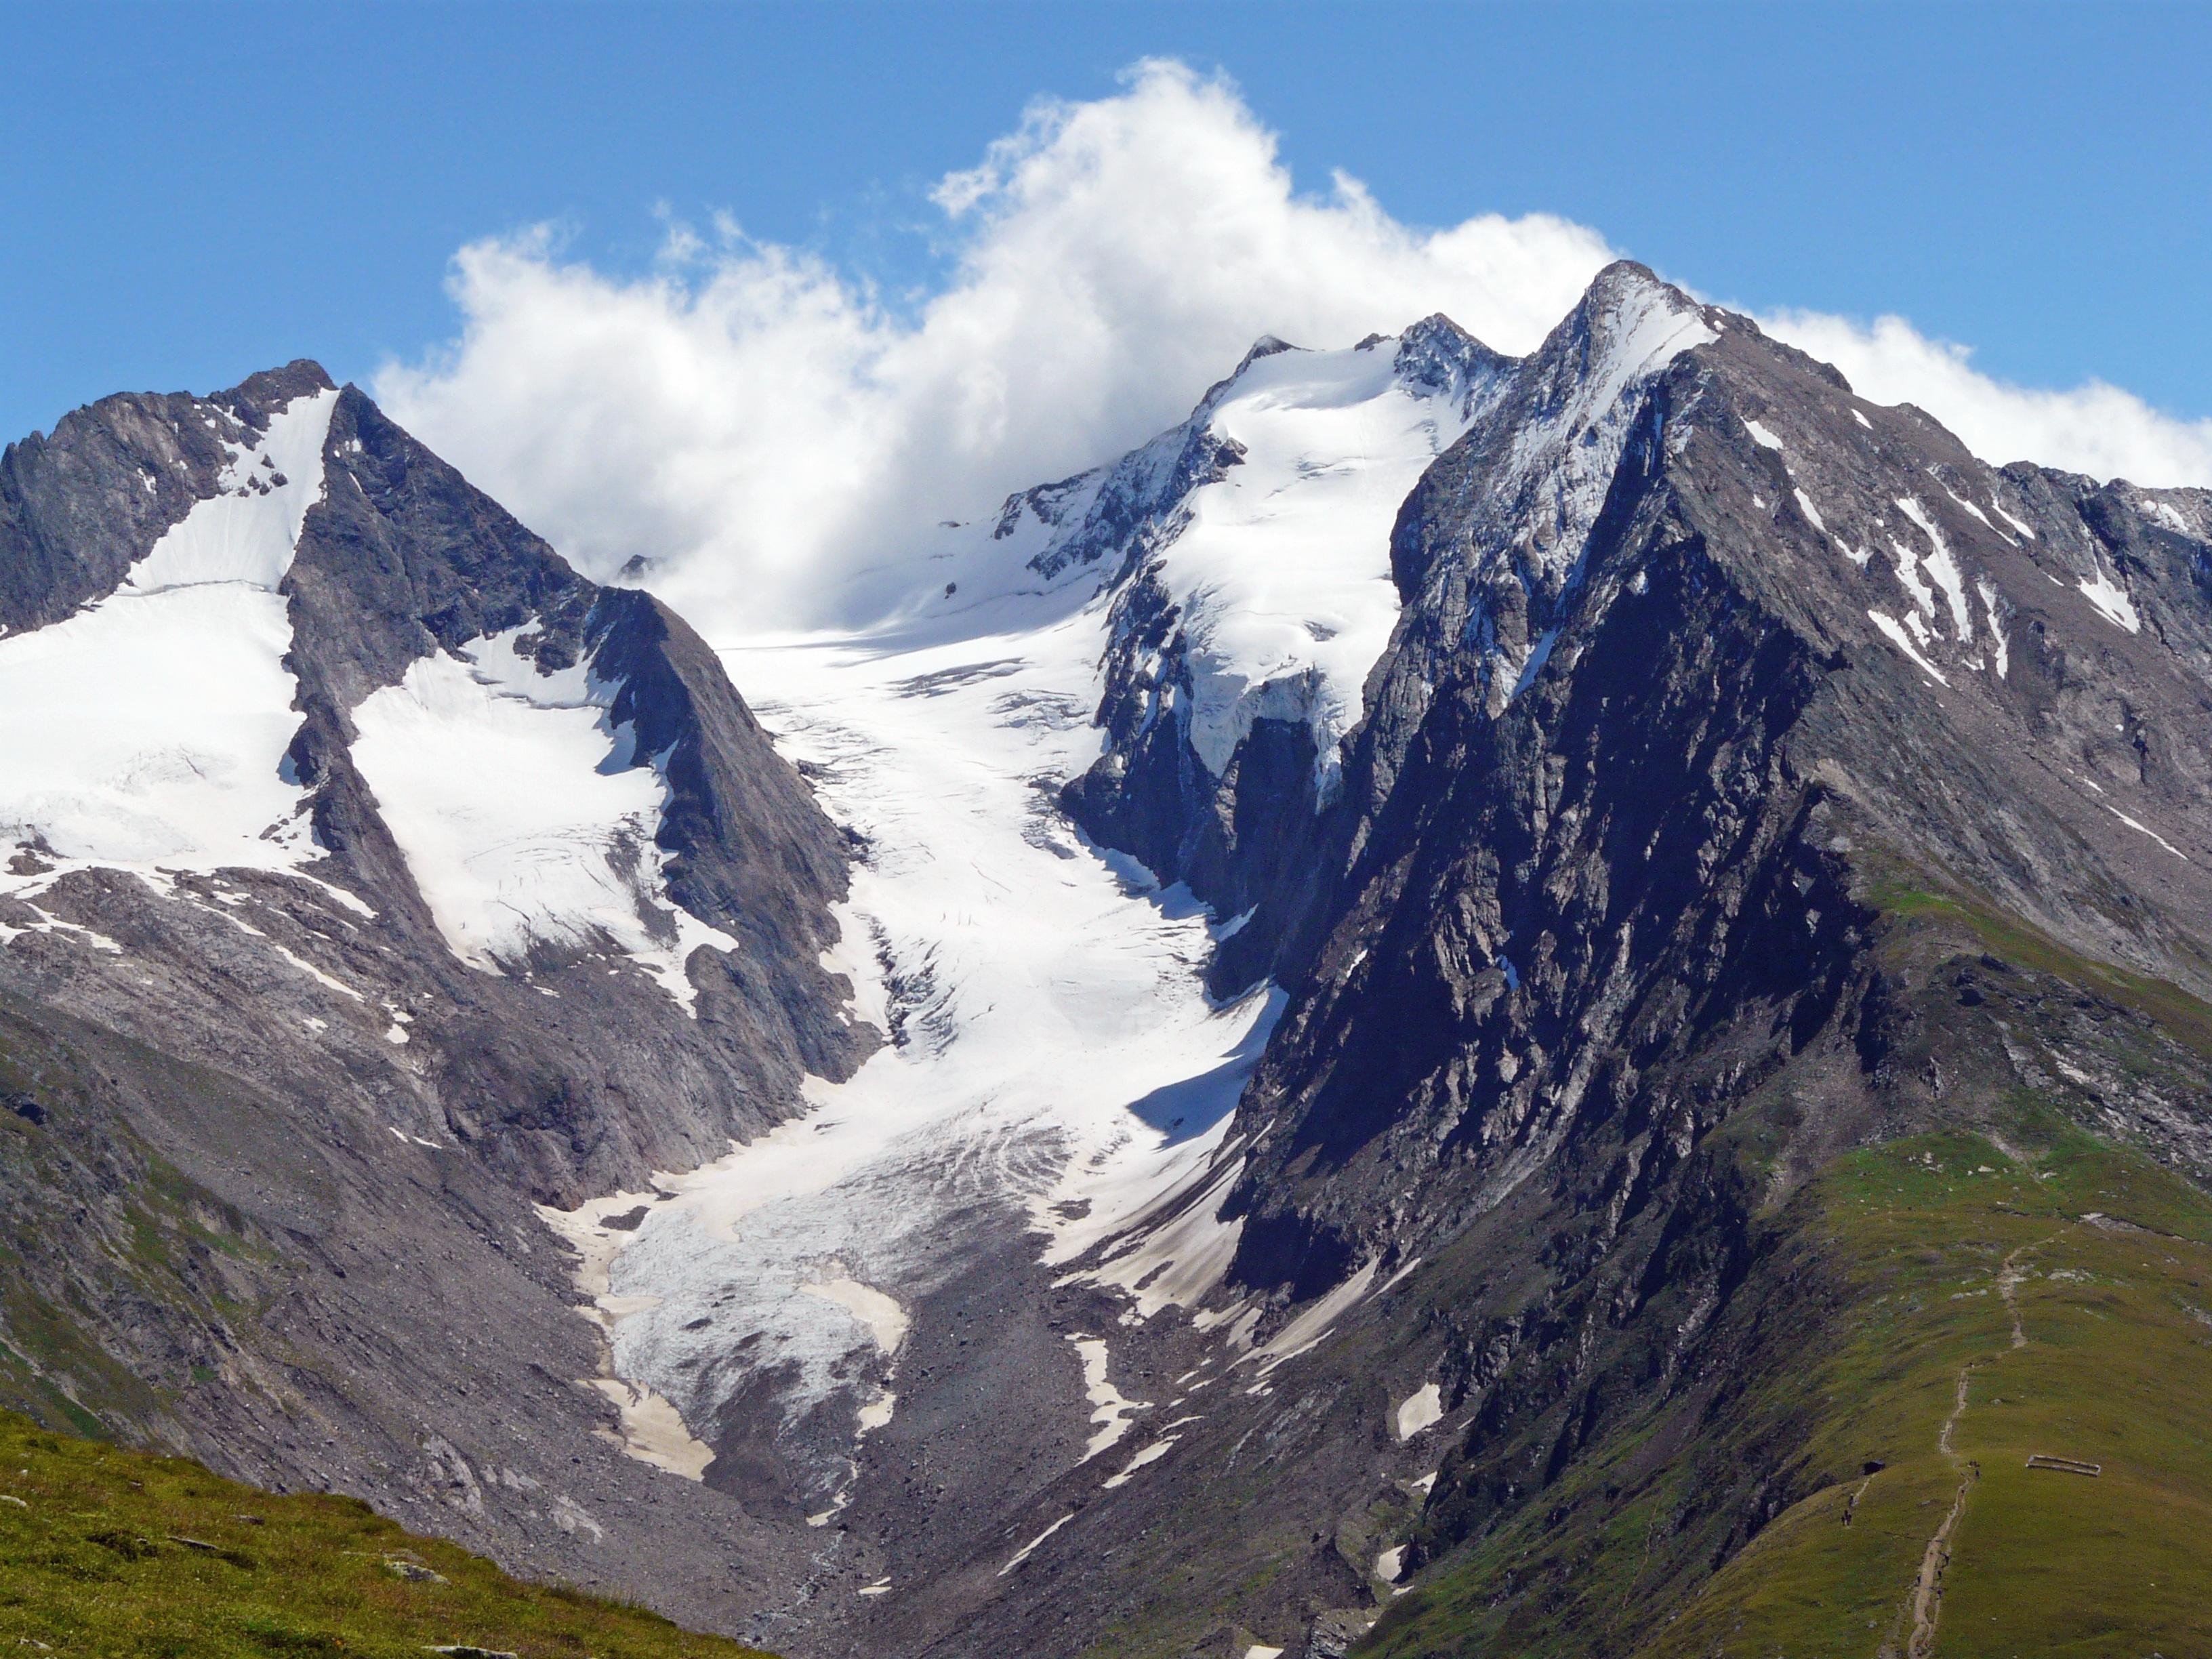 Fotos gratis aventuras cordillera alpino cresta - Fotos de relieve ...